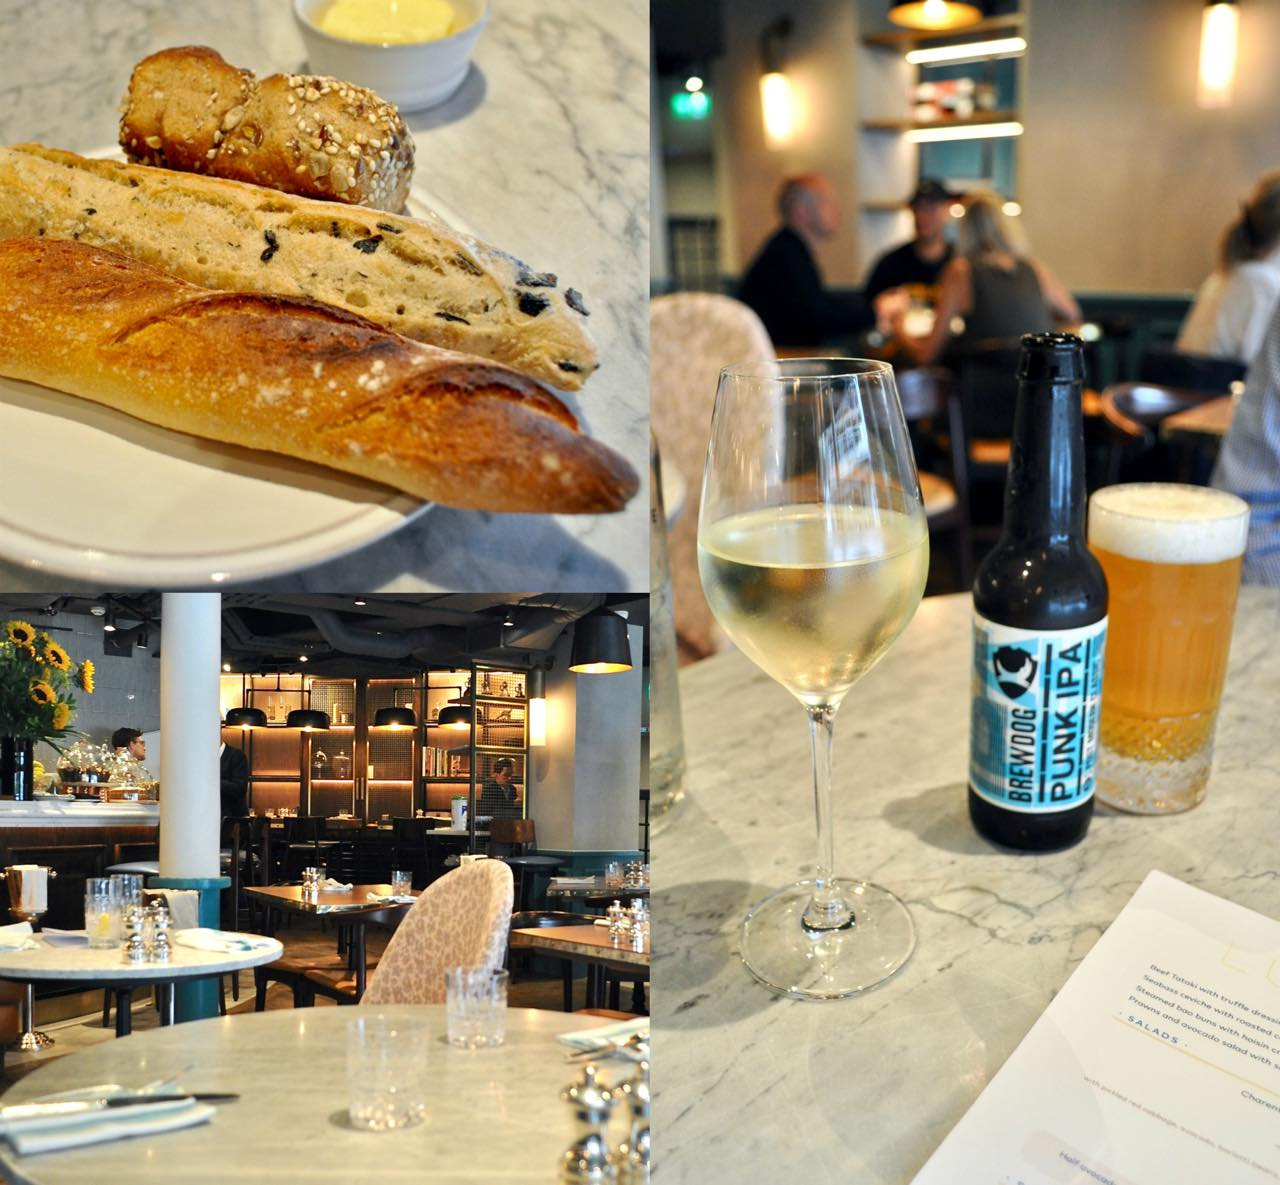 ミニ・バゲットやミニ・ロールが可愛いパンの盛り合わせ ^^  グラス・ワインは若干高めの値段設定。